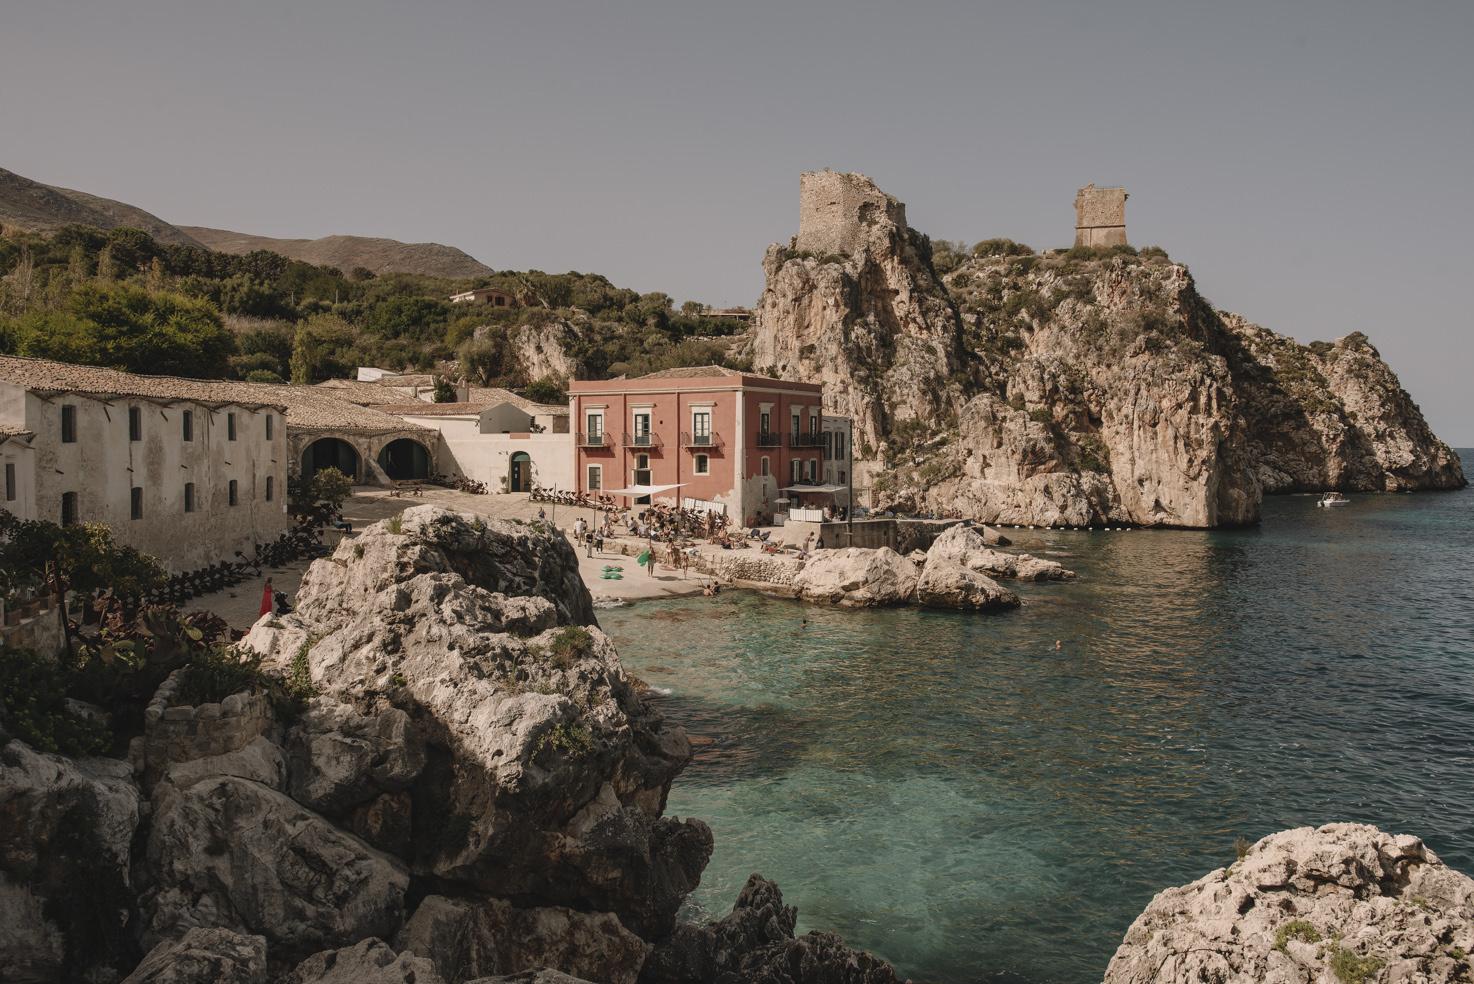 Exterior of Tonnara di Scopello